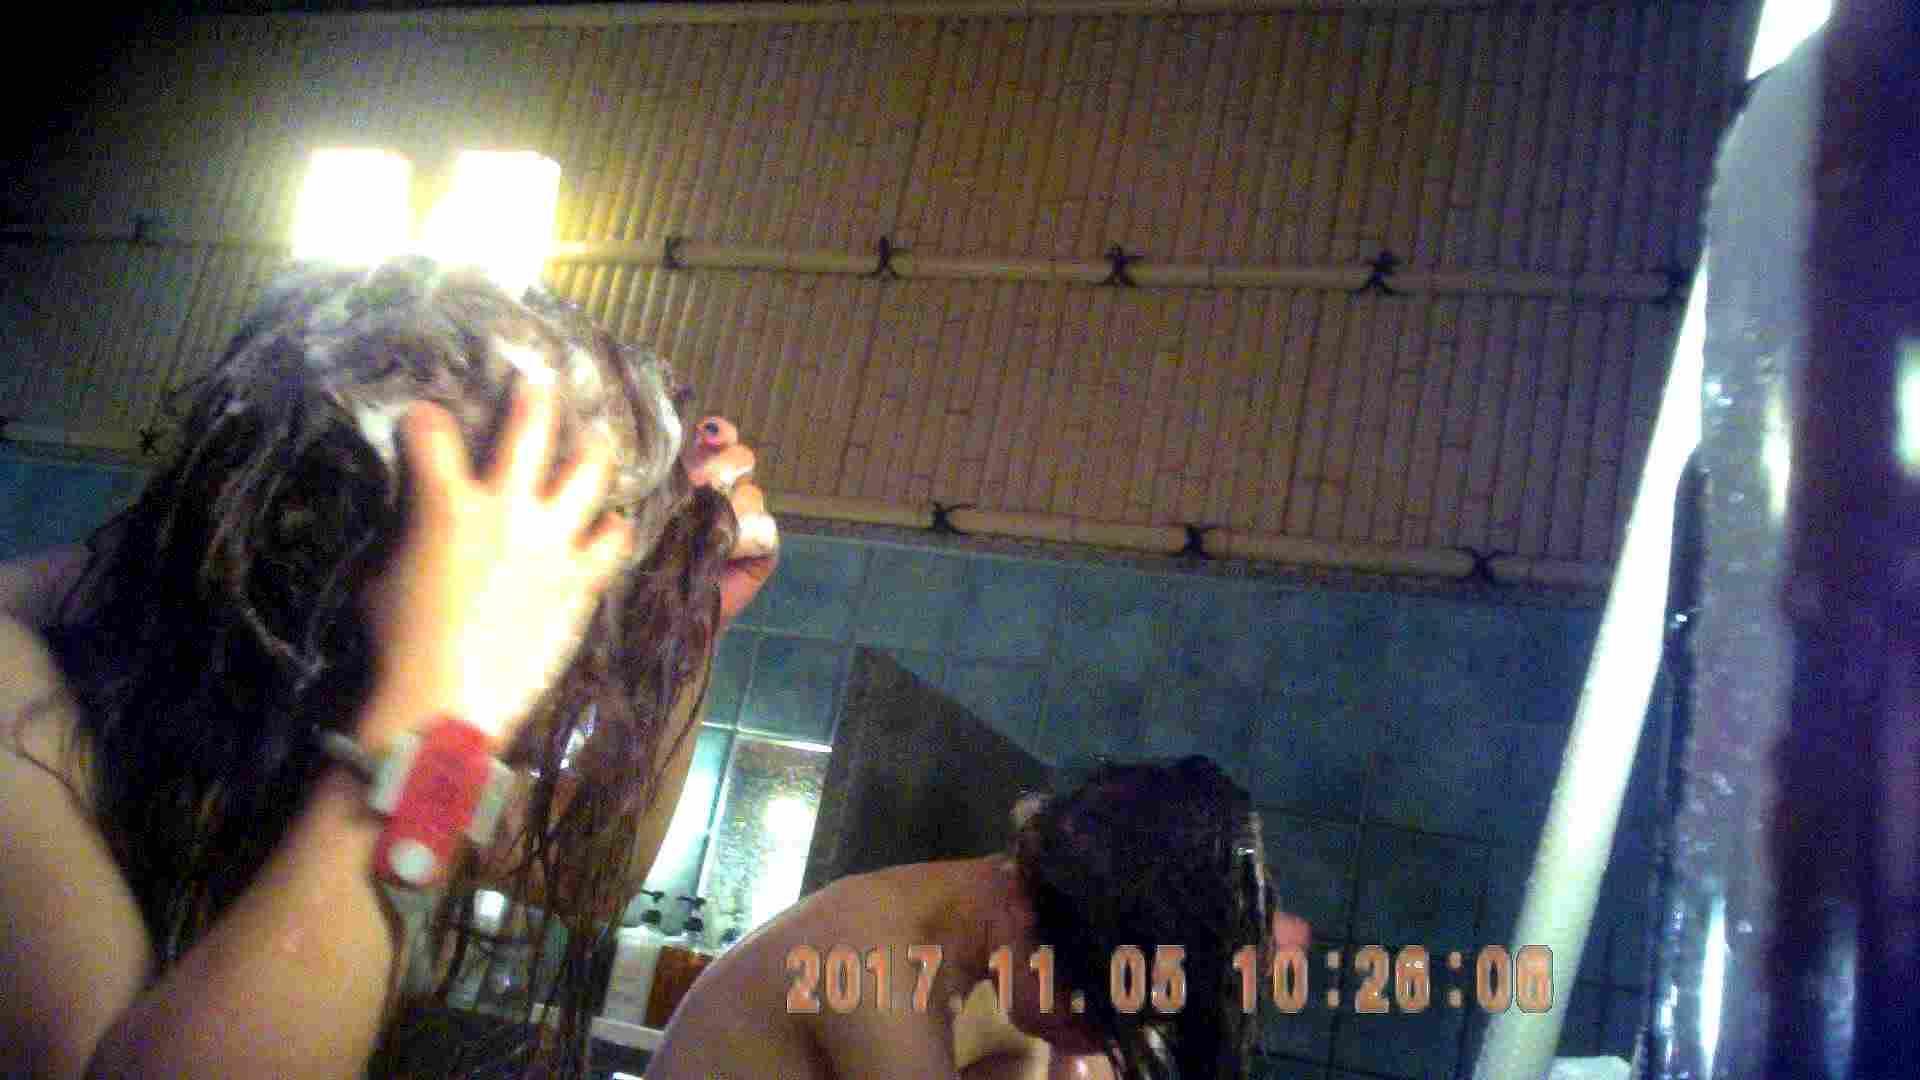 TG.07 【上等兵】顔立ちはっきりオッパイもっちりのお嬢さん 女湯 えろ無修正画像 62画像 22